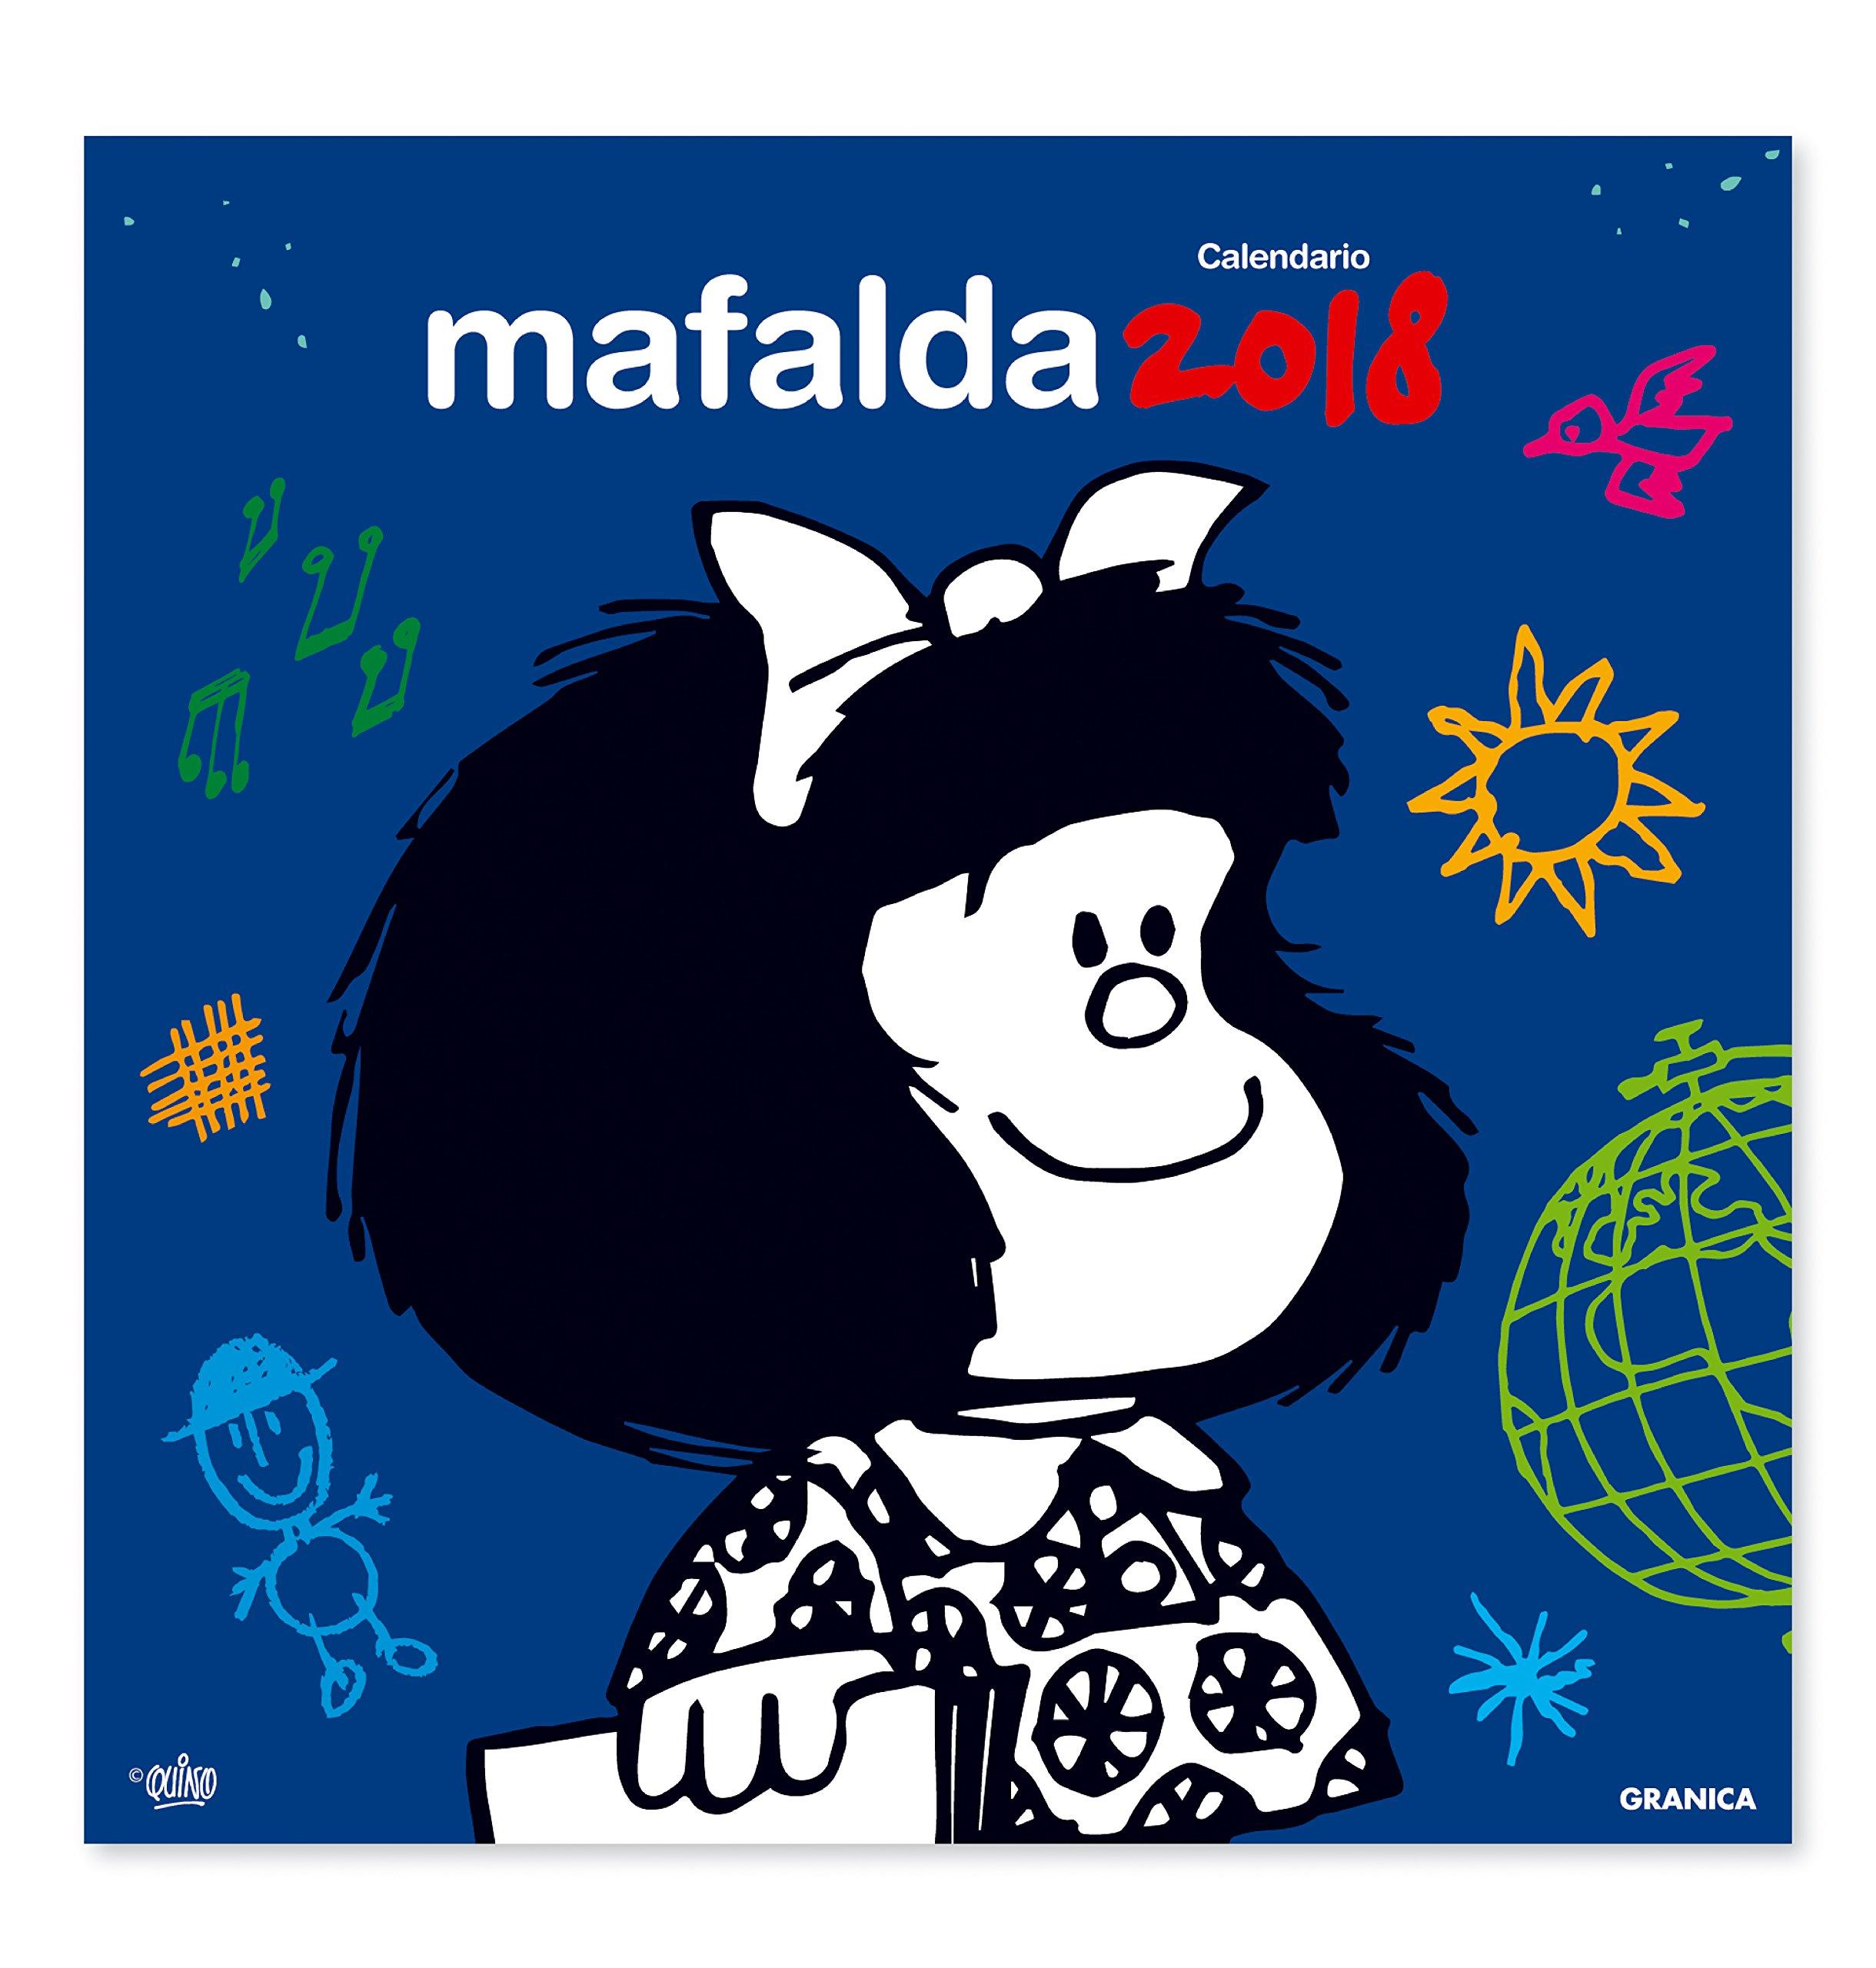 Mafalda 2018 Calendario de pared (Spanish Edition): Quino ...